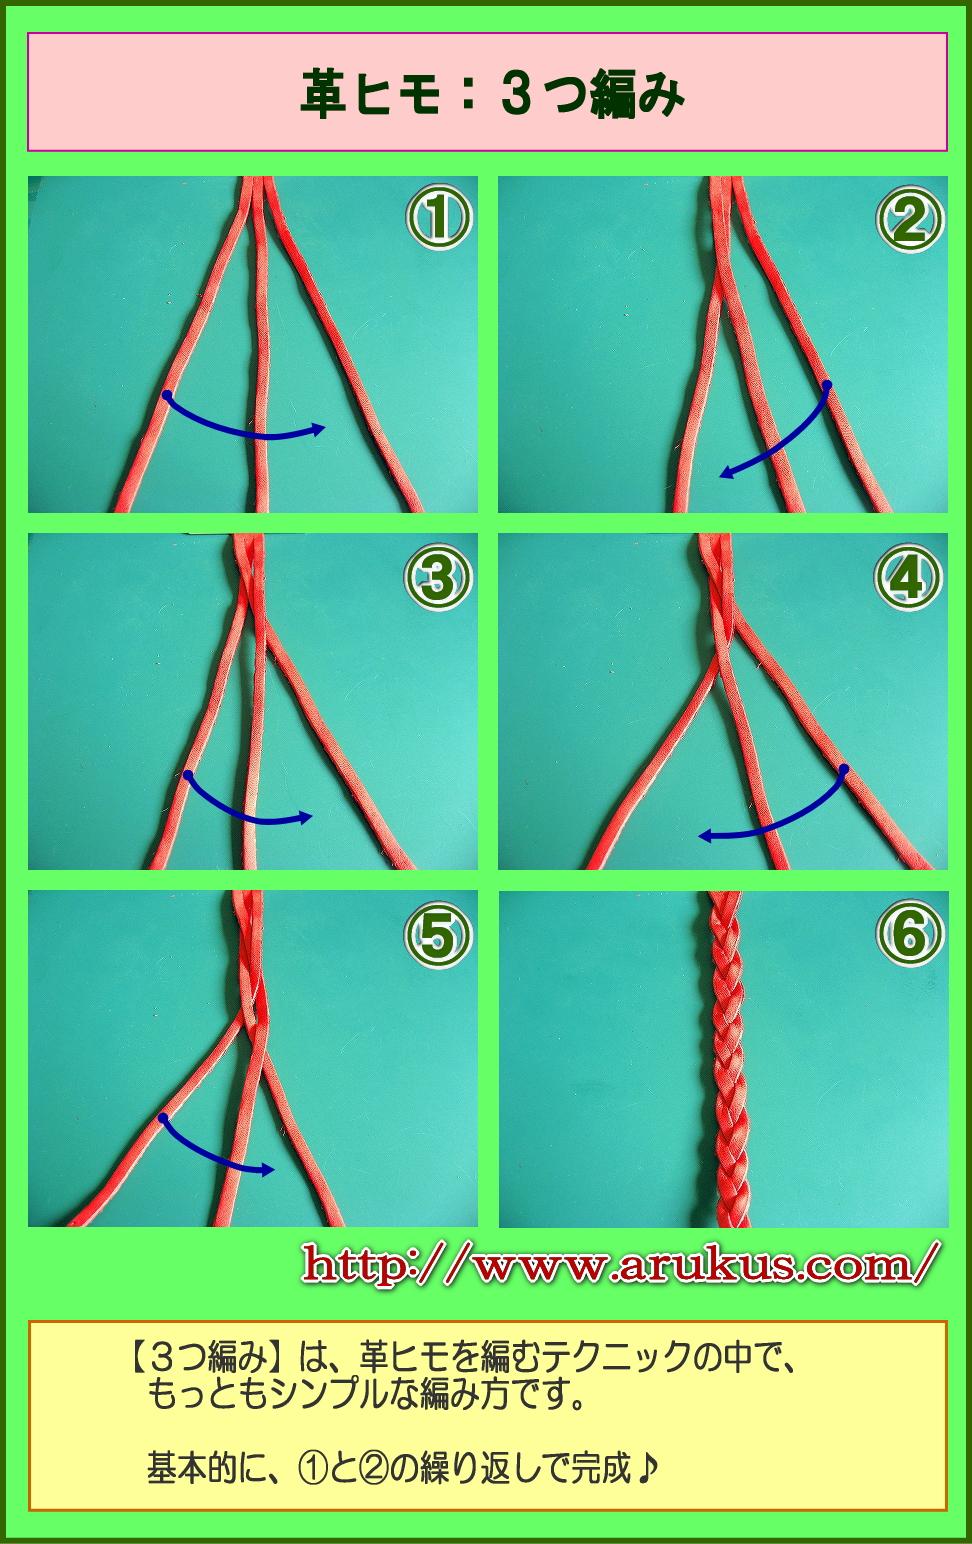 革 紐 四 つ 編み ブレスレット 作り方